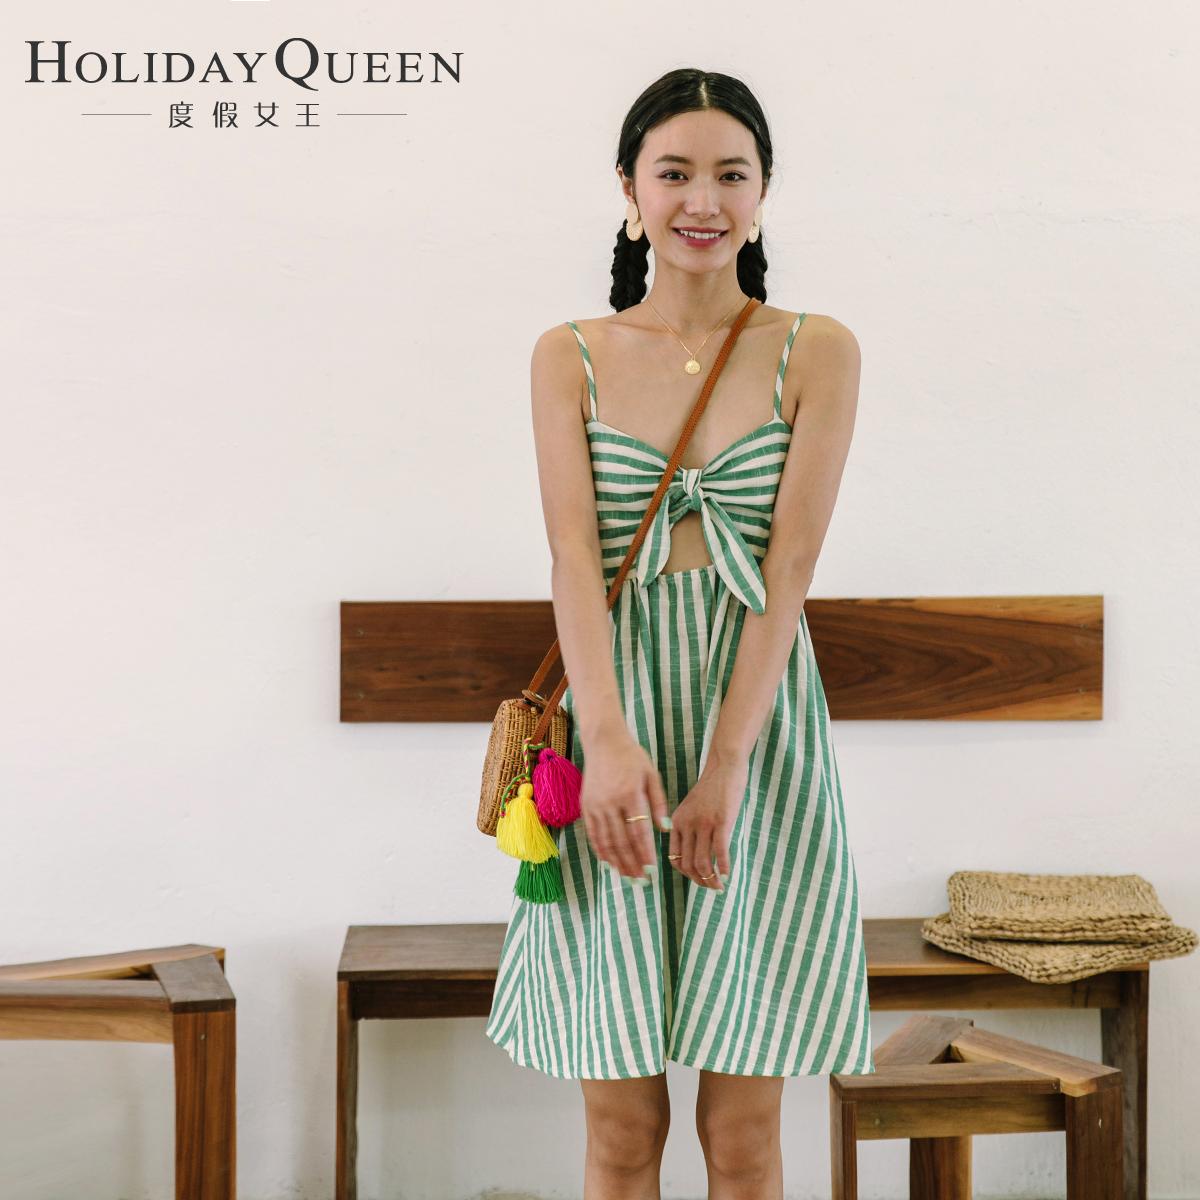 绿色连衣裙 度假女王新款女装性感露背条纹裙修身显瘦吊带连衣裙蝴蝶结短裙_推荐淘宝好看的绿色连衣裙